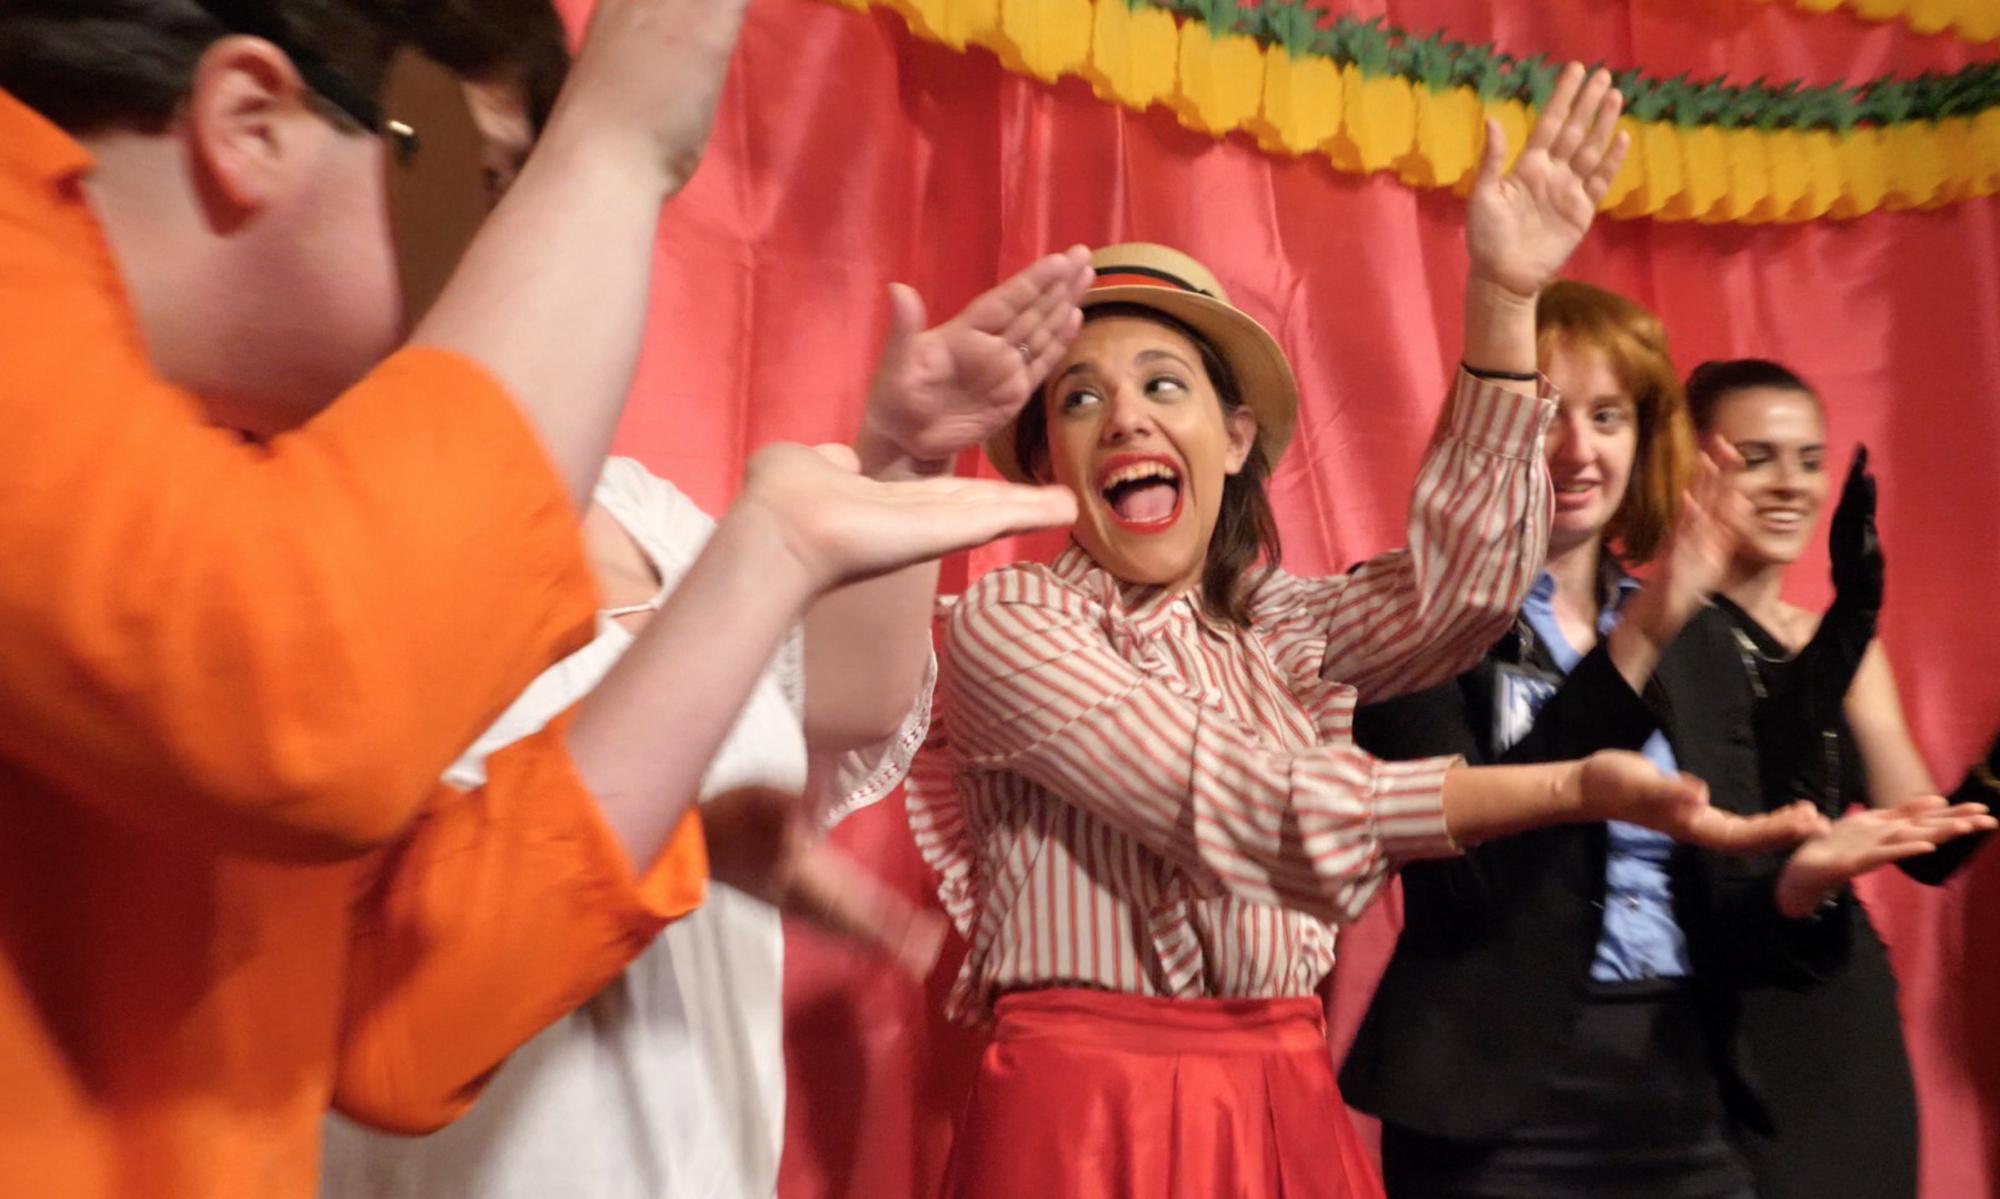 The Exuberants Improv Comedy